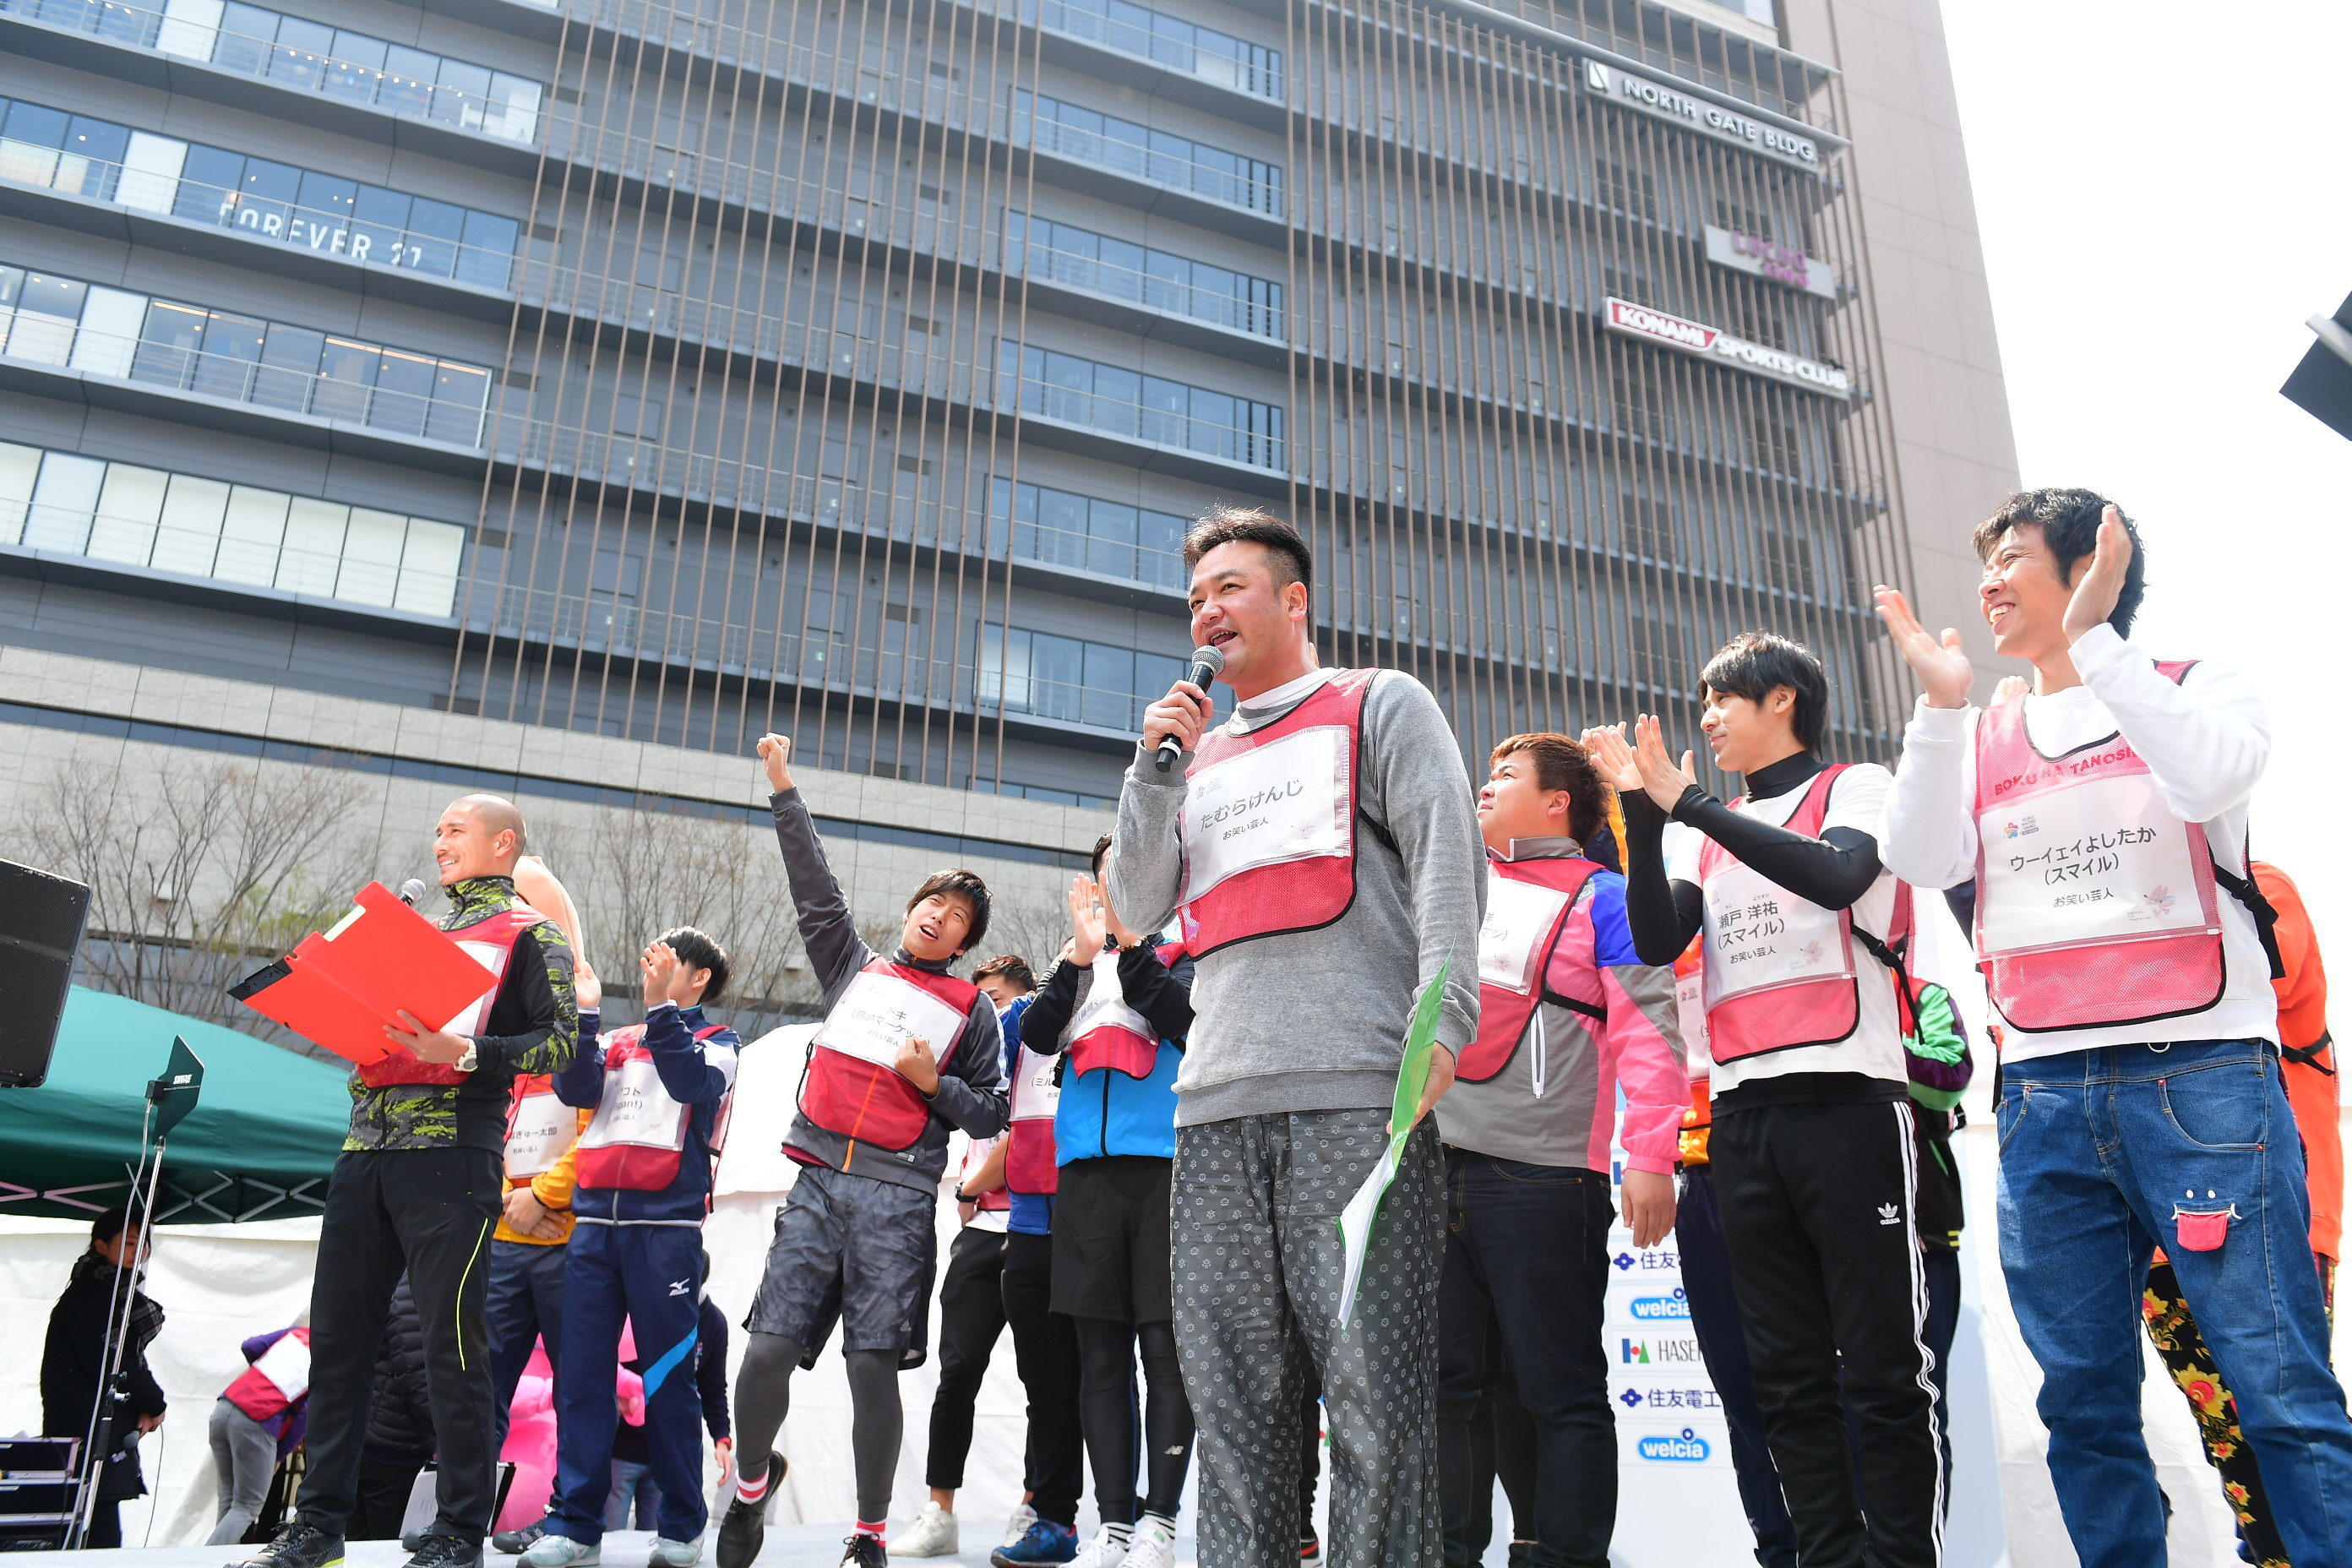 http://news.yoshimoto.co.jp/20180325175045-06c7b2098703a2e88d63da94cb38adc624b00244.jpg